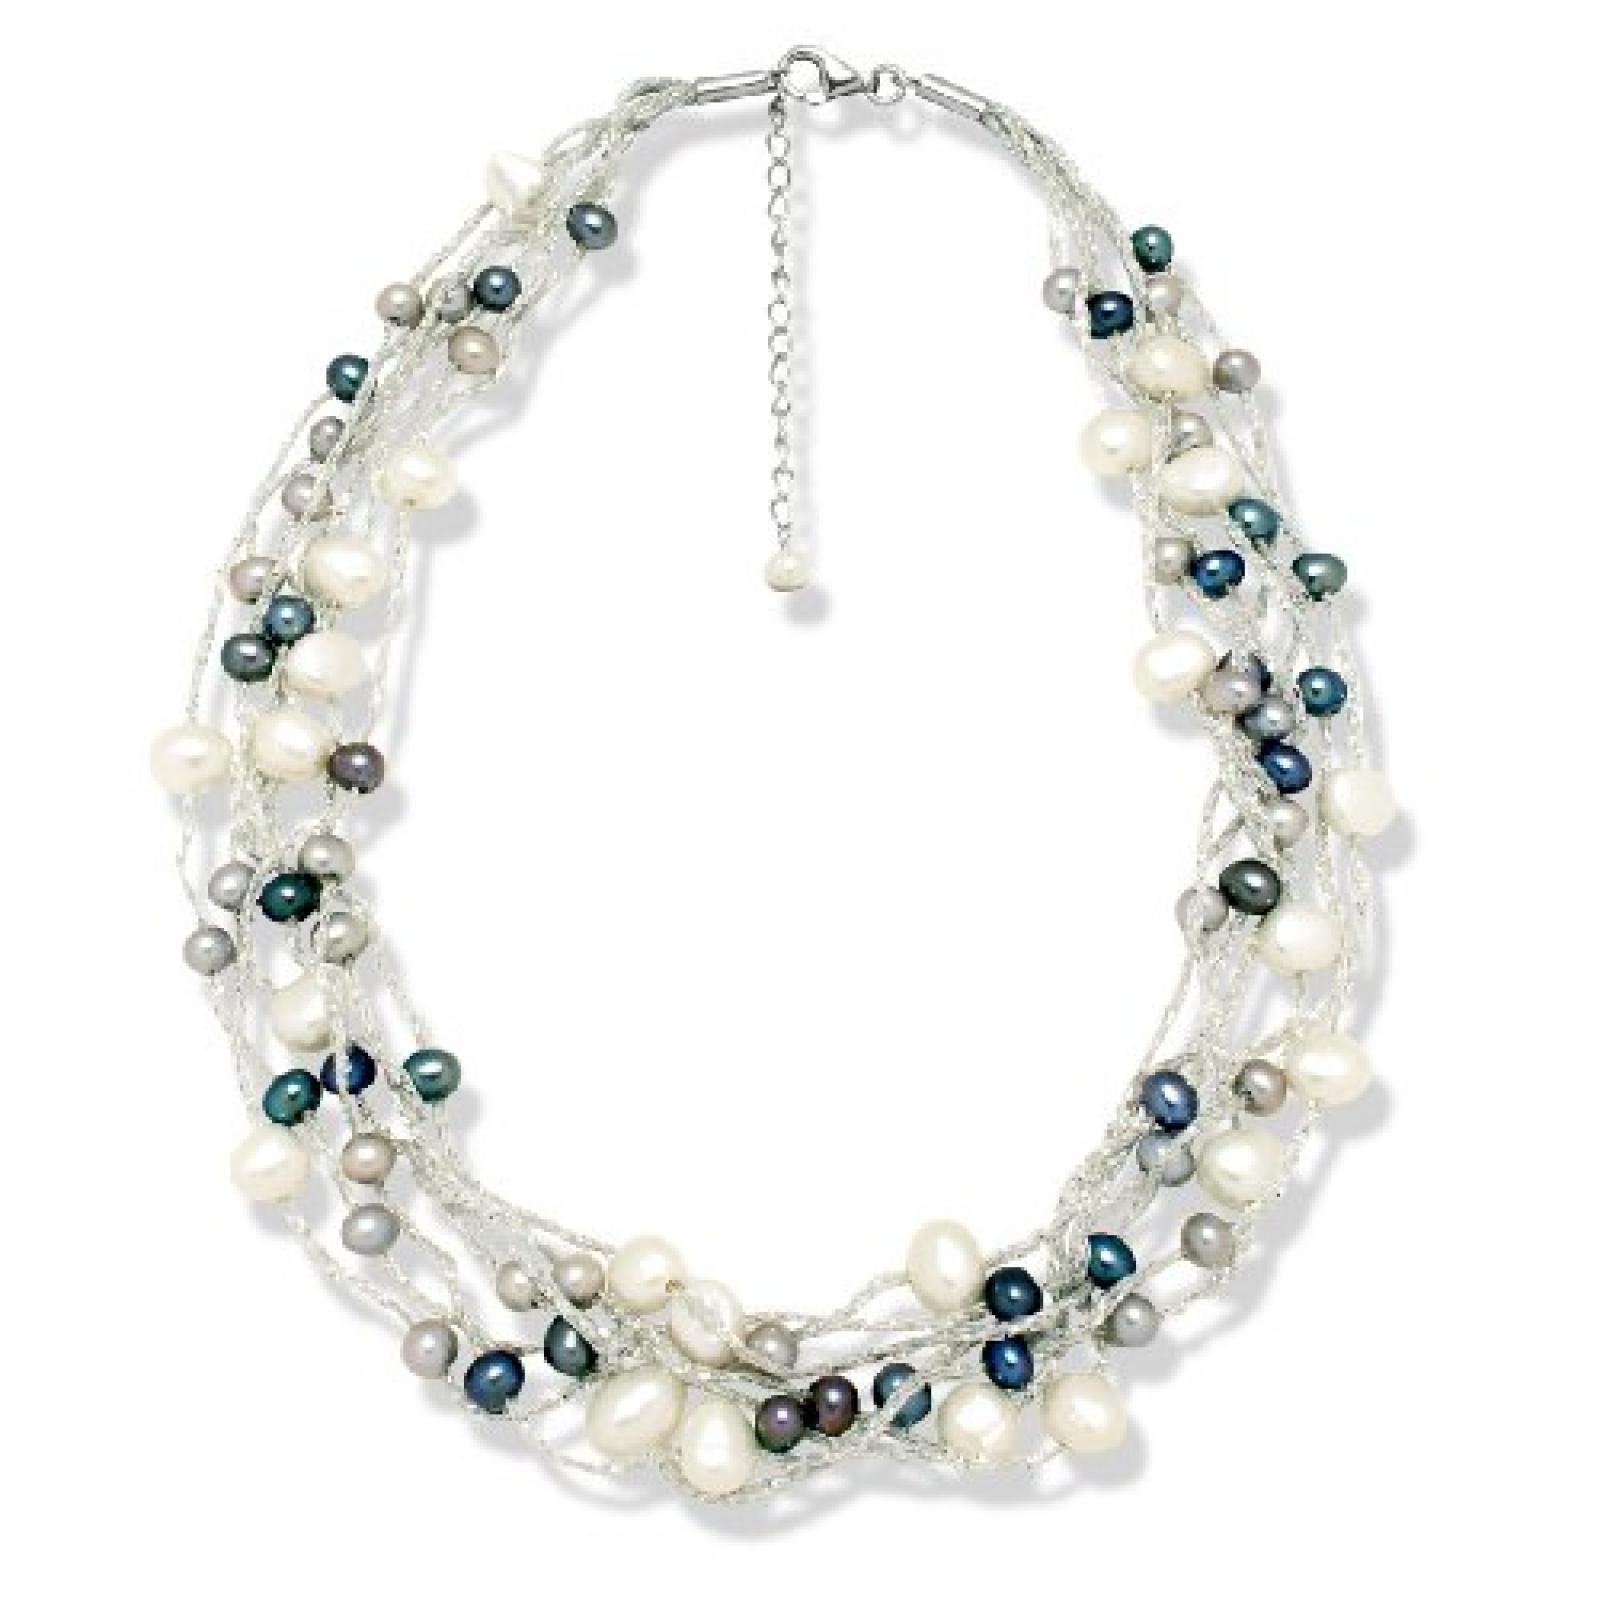 Valero Pearls Fashion Collection Damen-Kette Hochwertige Süßwasser-Zuchtperlen in ca.  6 mm Barock weiß / hellgrau / pfauenblau 925 Sterling Silber    43 cm + 5 cm Verlängerung   60201082